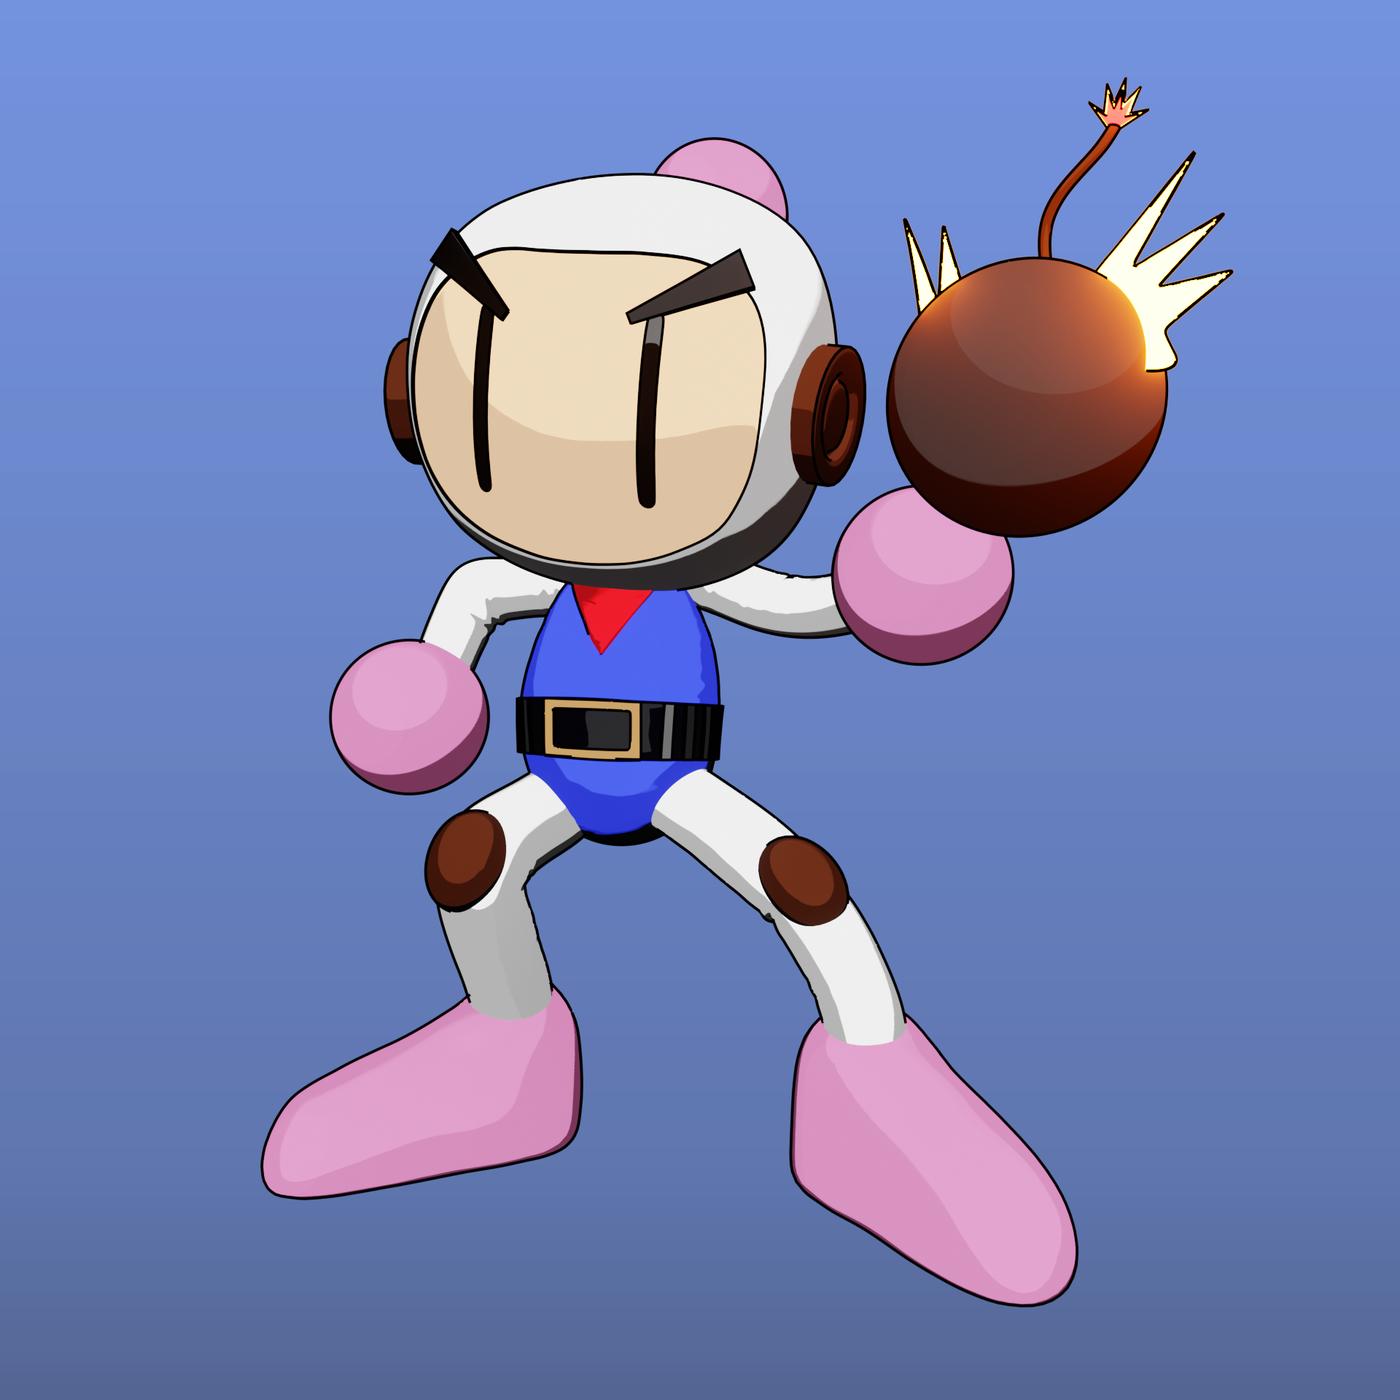 Toon Bomberman Fan Art